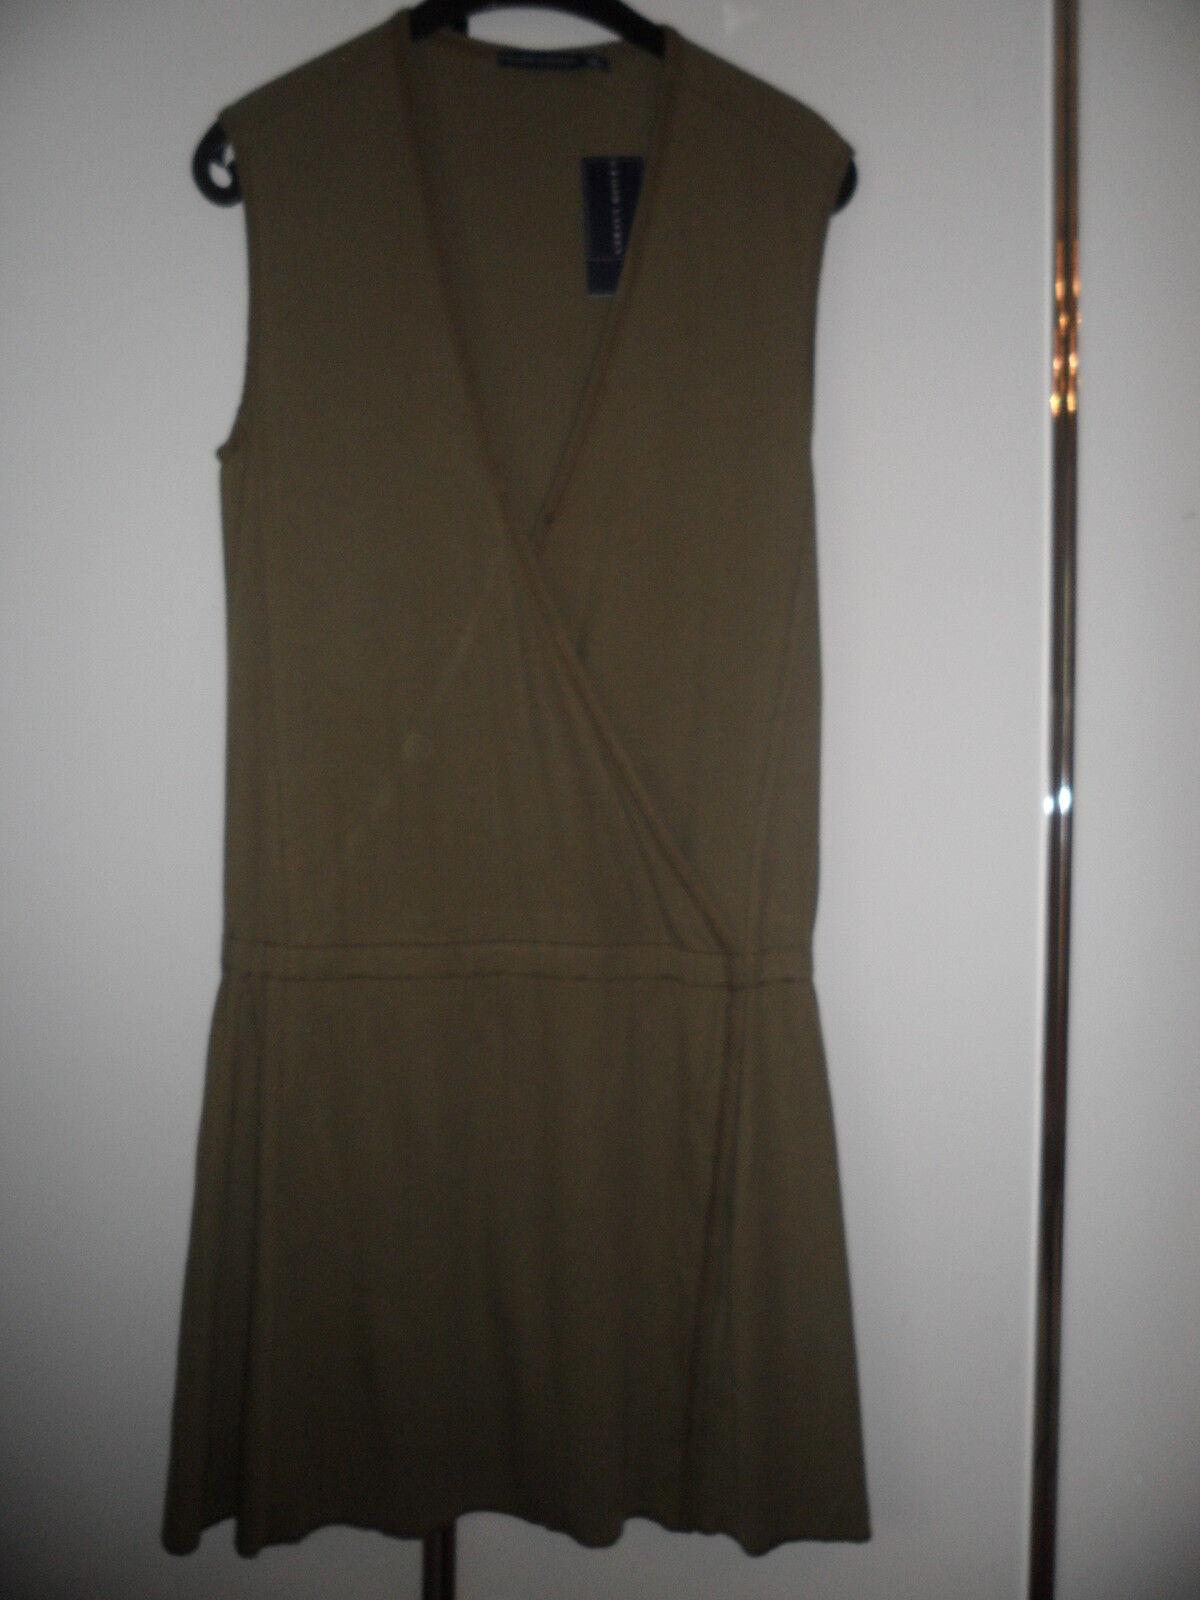 Kleid von Ralph Lauren  Gr.M-neu Gr.M-neu Gr.M-neu | Erste in seiner Klasse  | Gemäßigten Kosten  | Mittel Preis  80805f